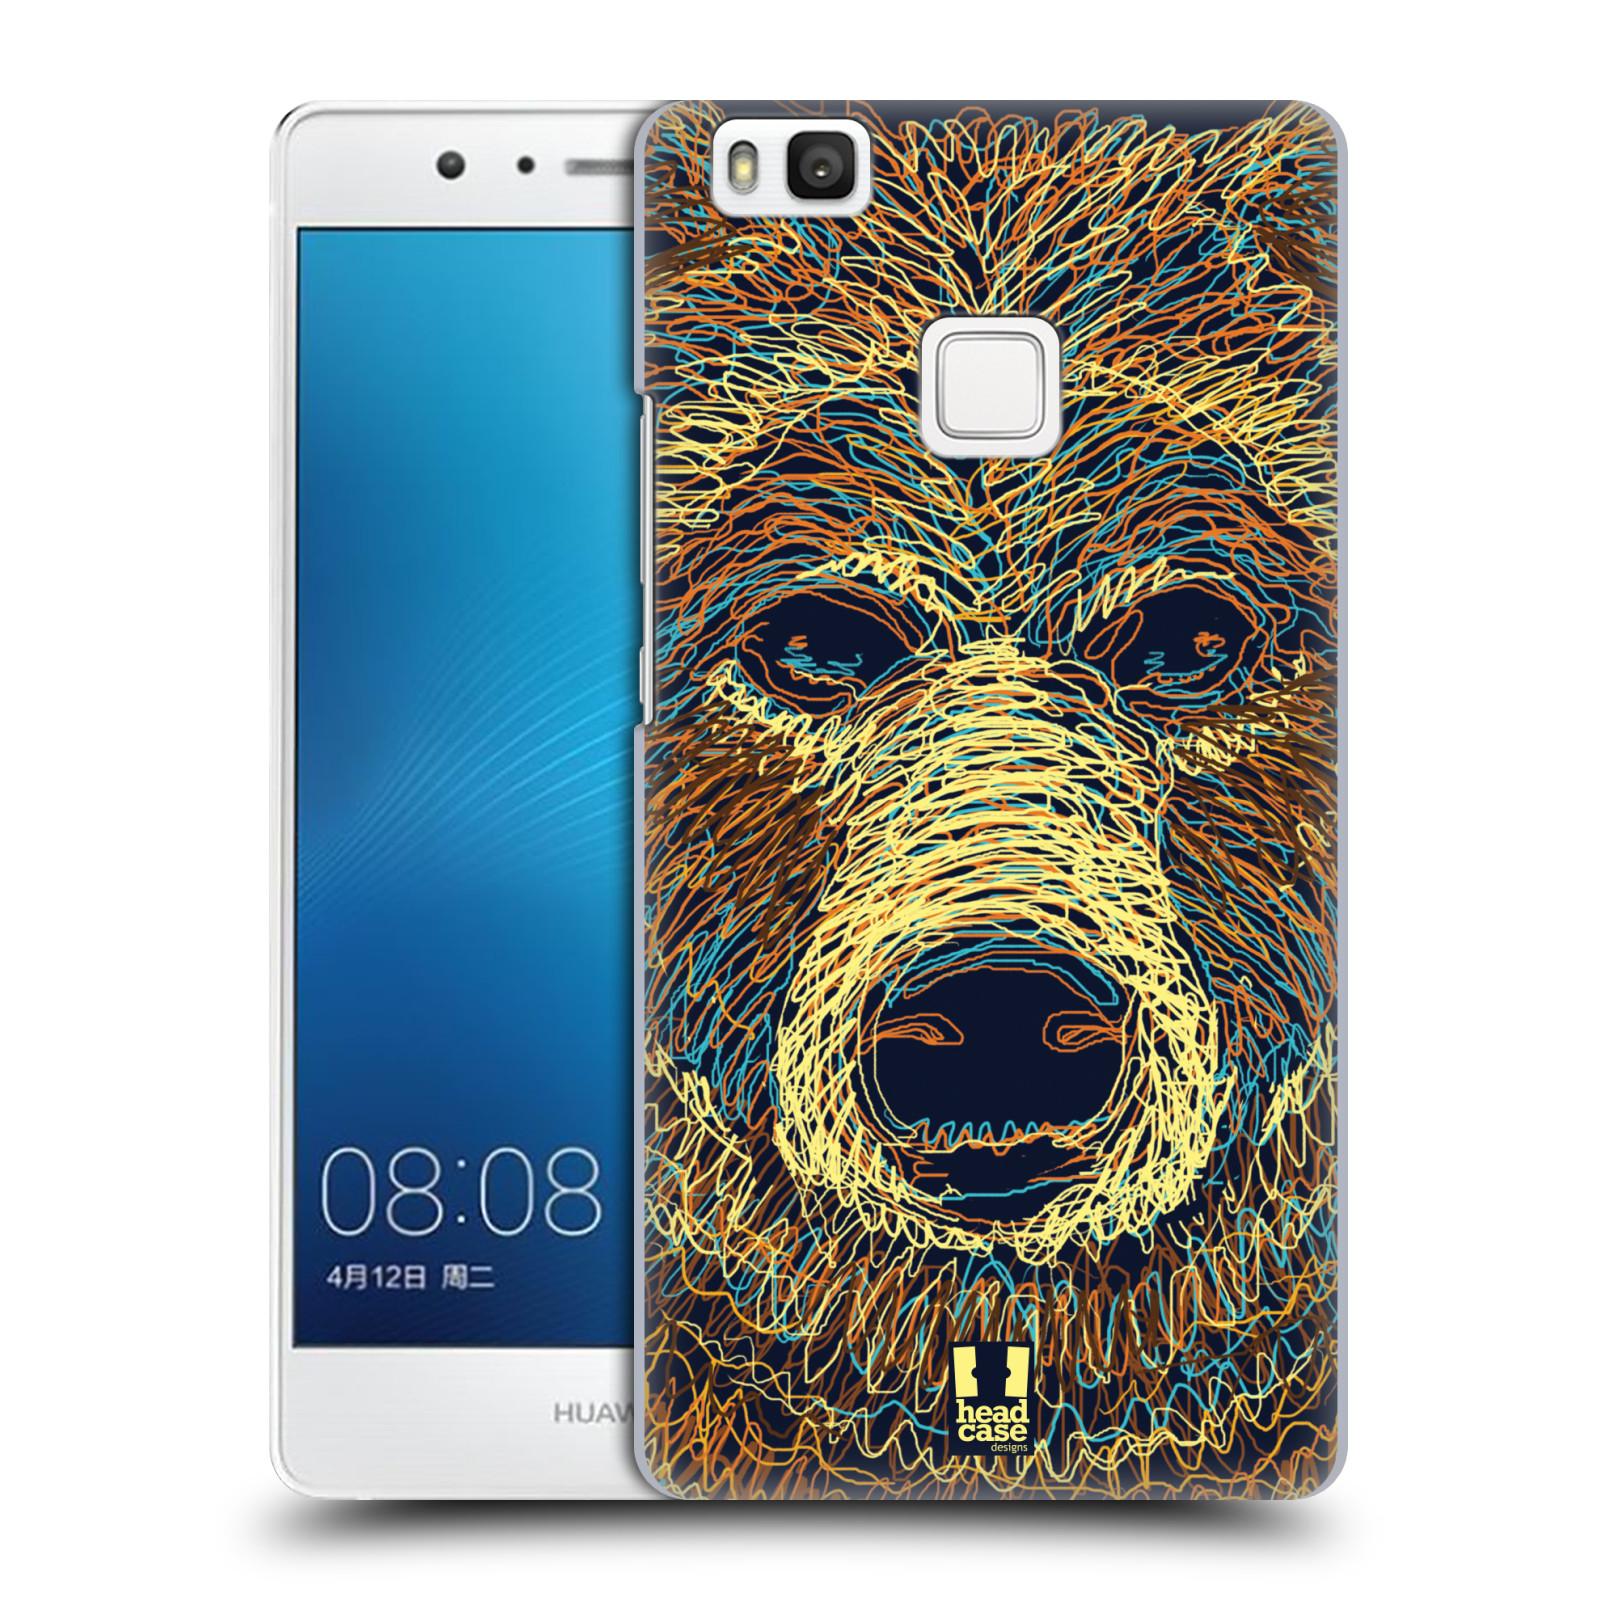 HEAD CASE plastový obal na mobil Huawei P9 LITE / P9 LITE DUAL SIM vzor zvíře čmáranice medvěd